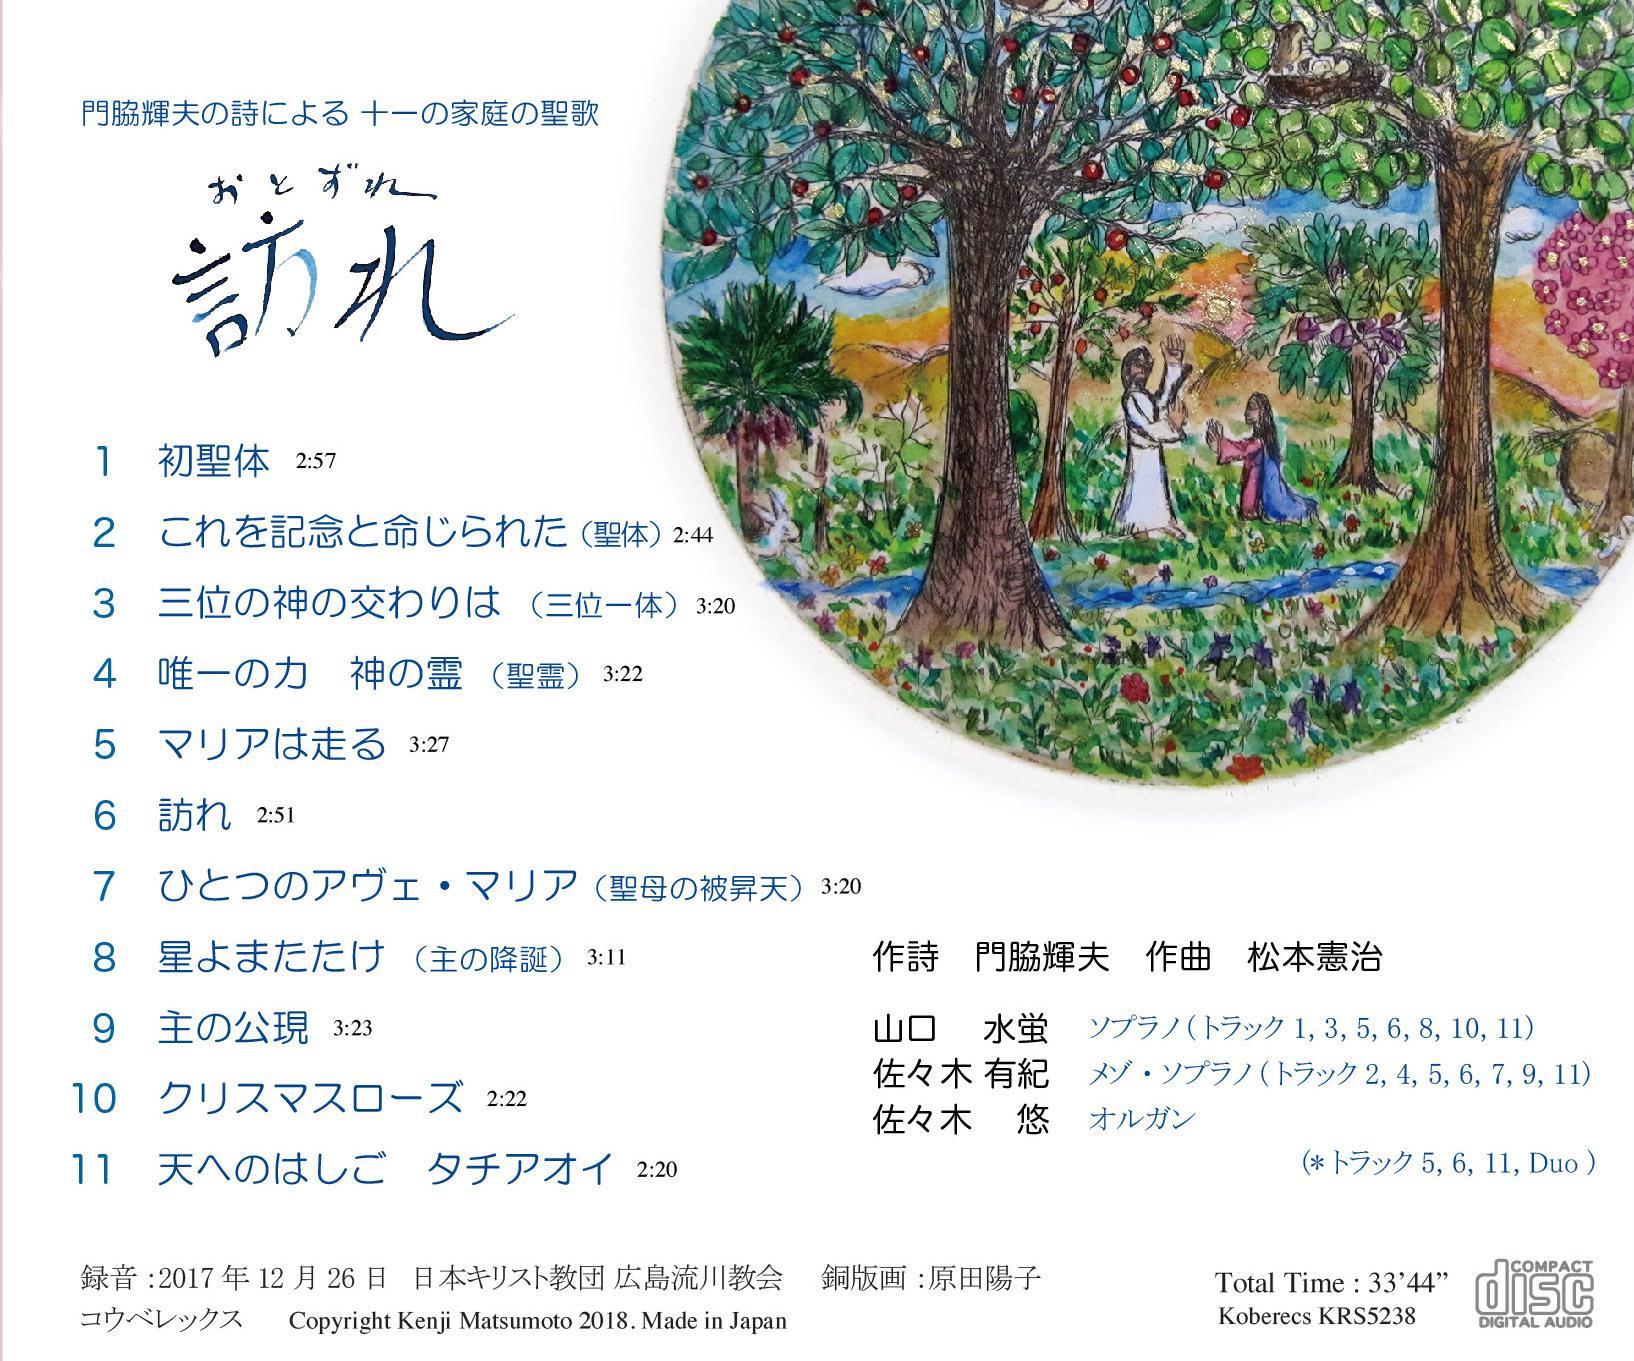 「訪れ」松本憲治作曲 〜門脇輝夫の詩による十一の聖歌〜